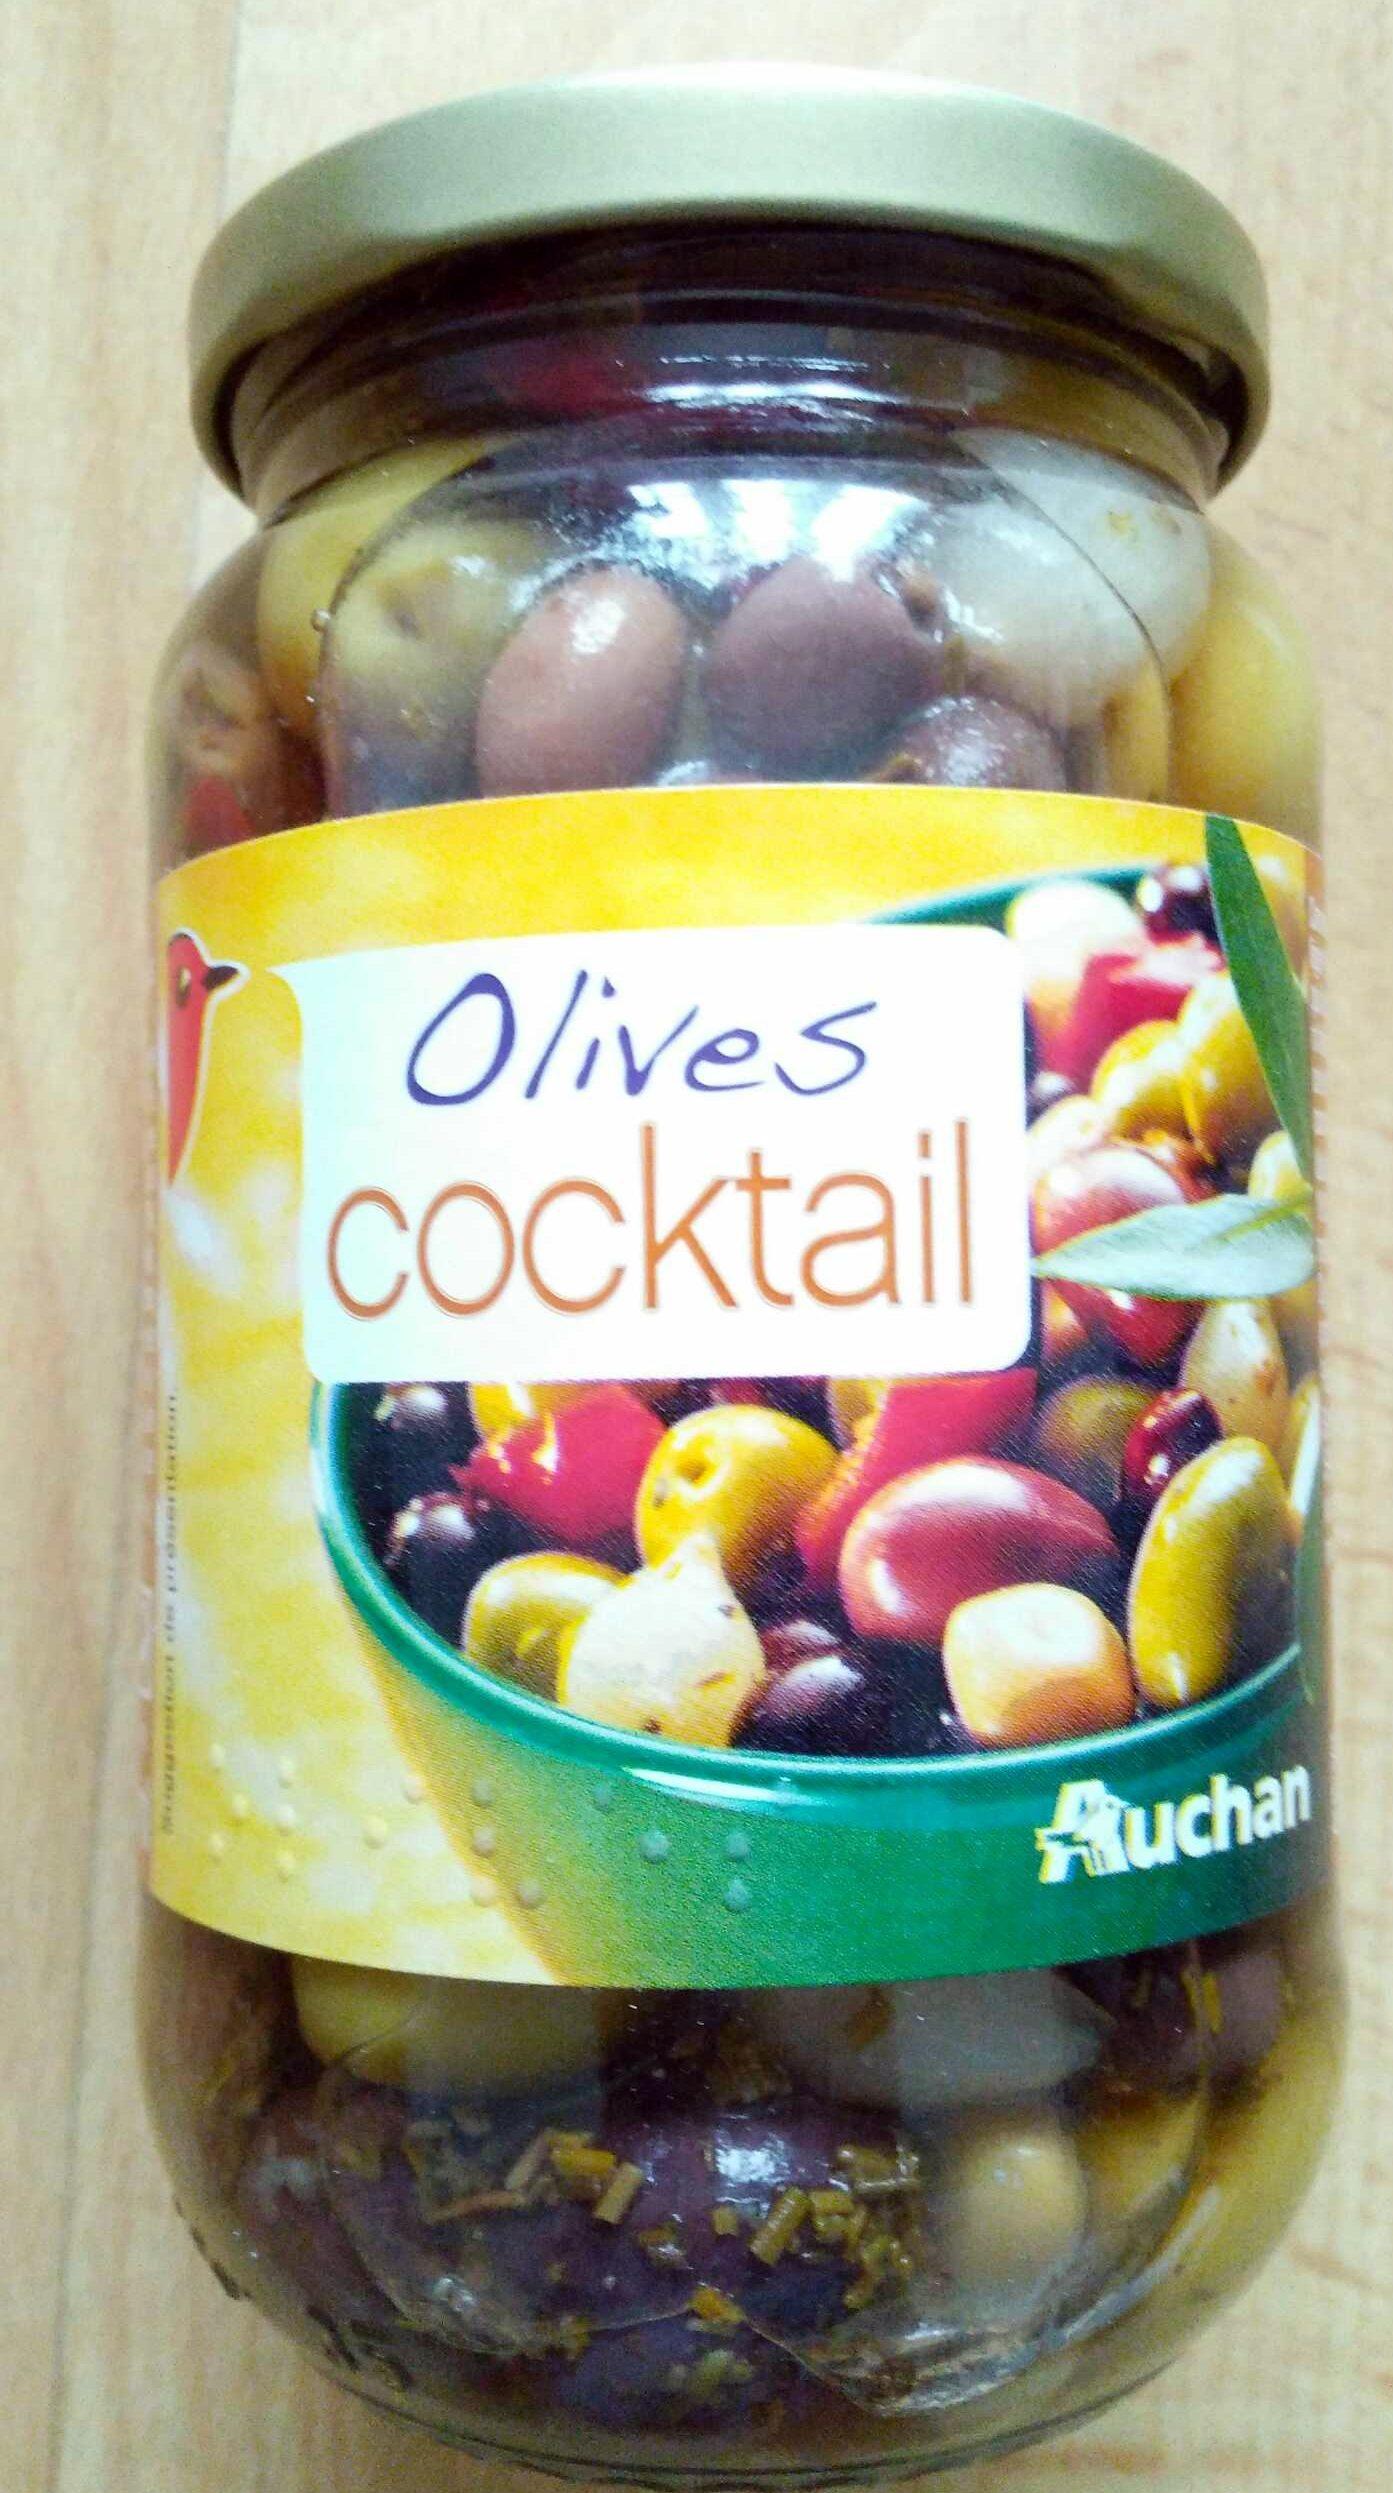 Olives cocktail - Produit - fr